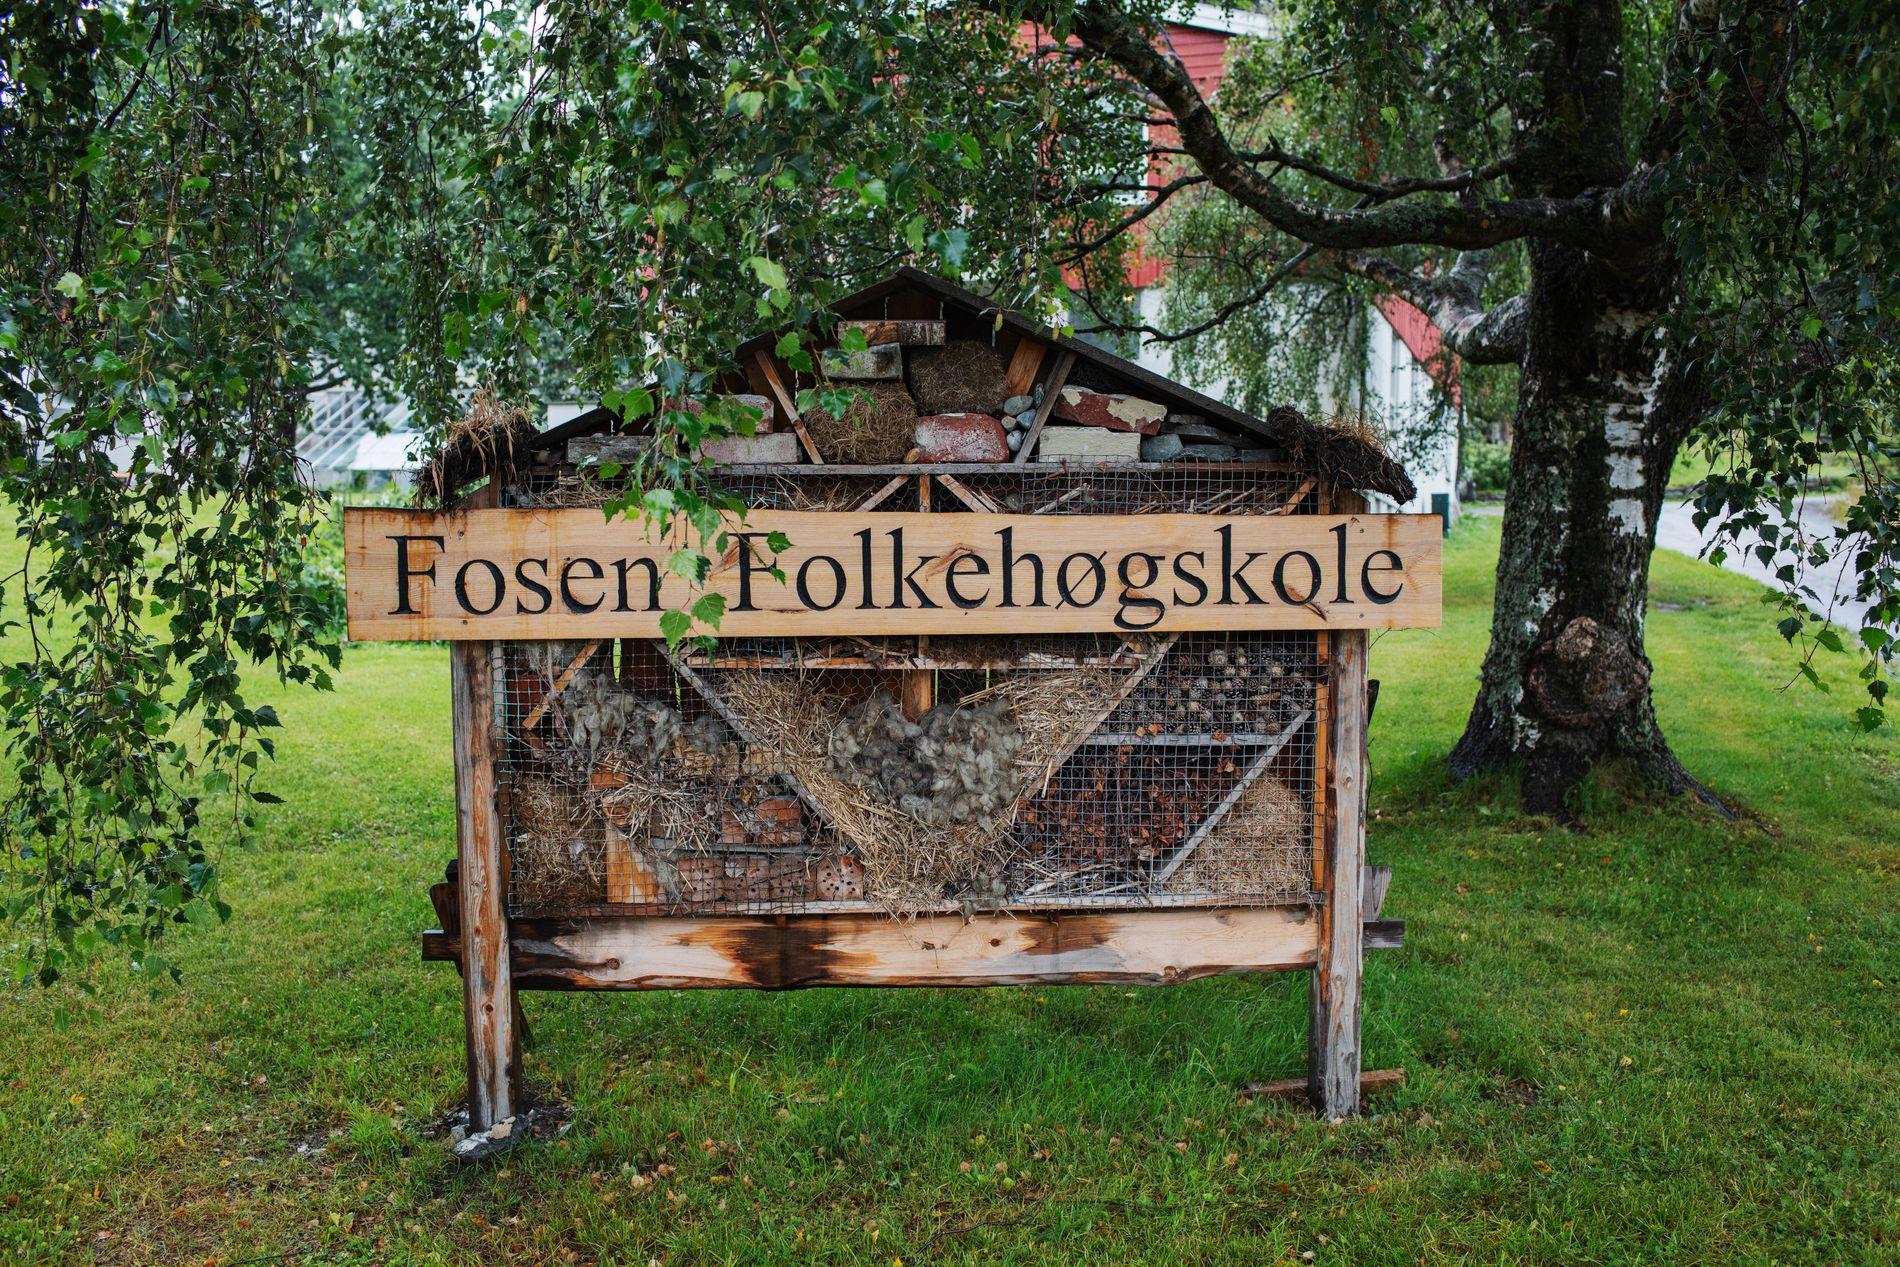 VAR ELEV HER: Philip Manshaus (21) var elev ved Fosen folkehøgskole i Trøndelag fra høsten 2018 frem til sommeren 2019.